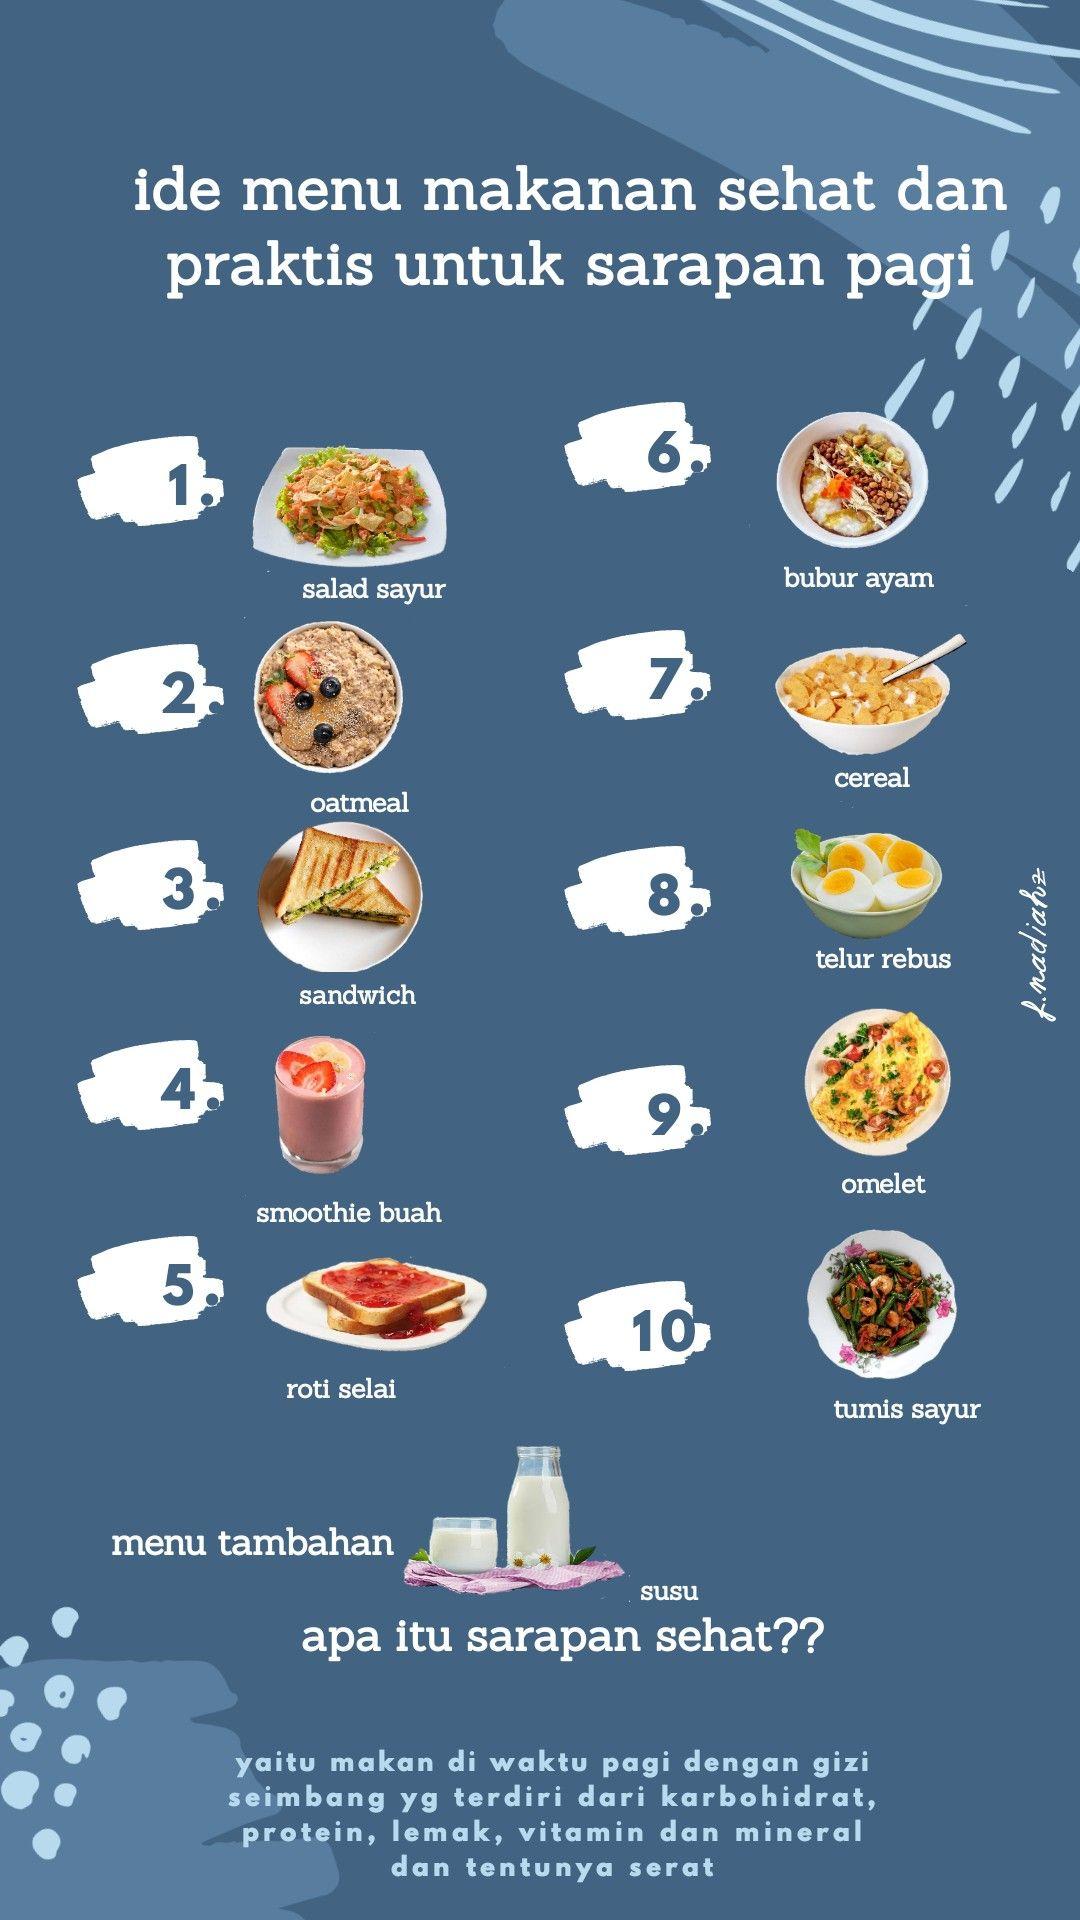 Ide Menu Sarapan Makanan Sehat Makanan Diet Makanan